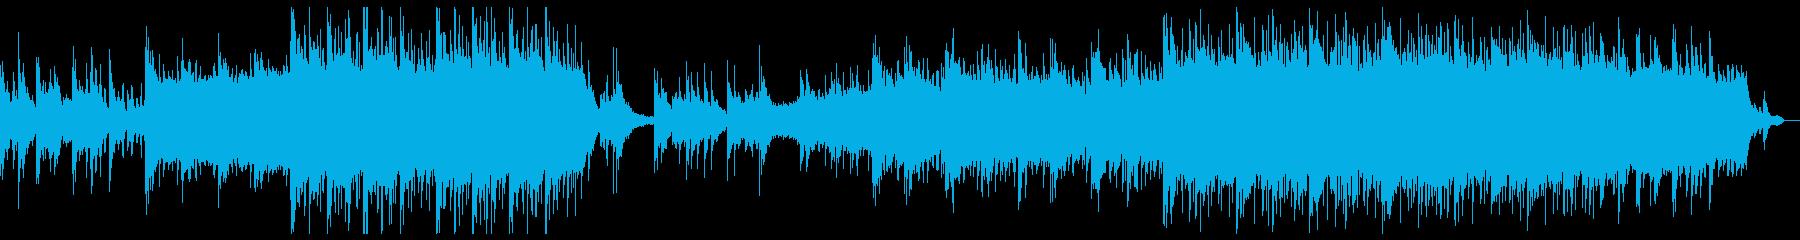 穏やかなチルアウトシネマティック。の再生済みの波形